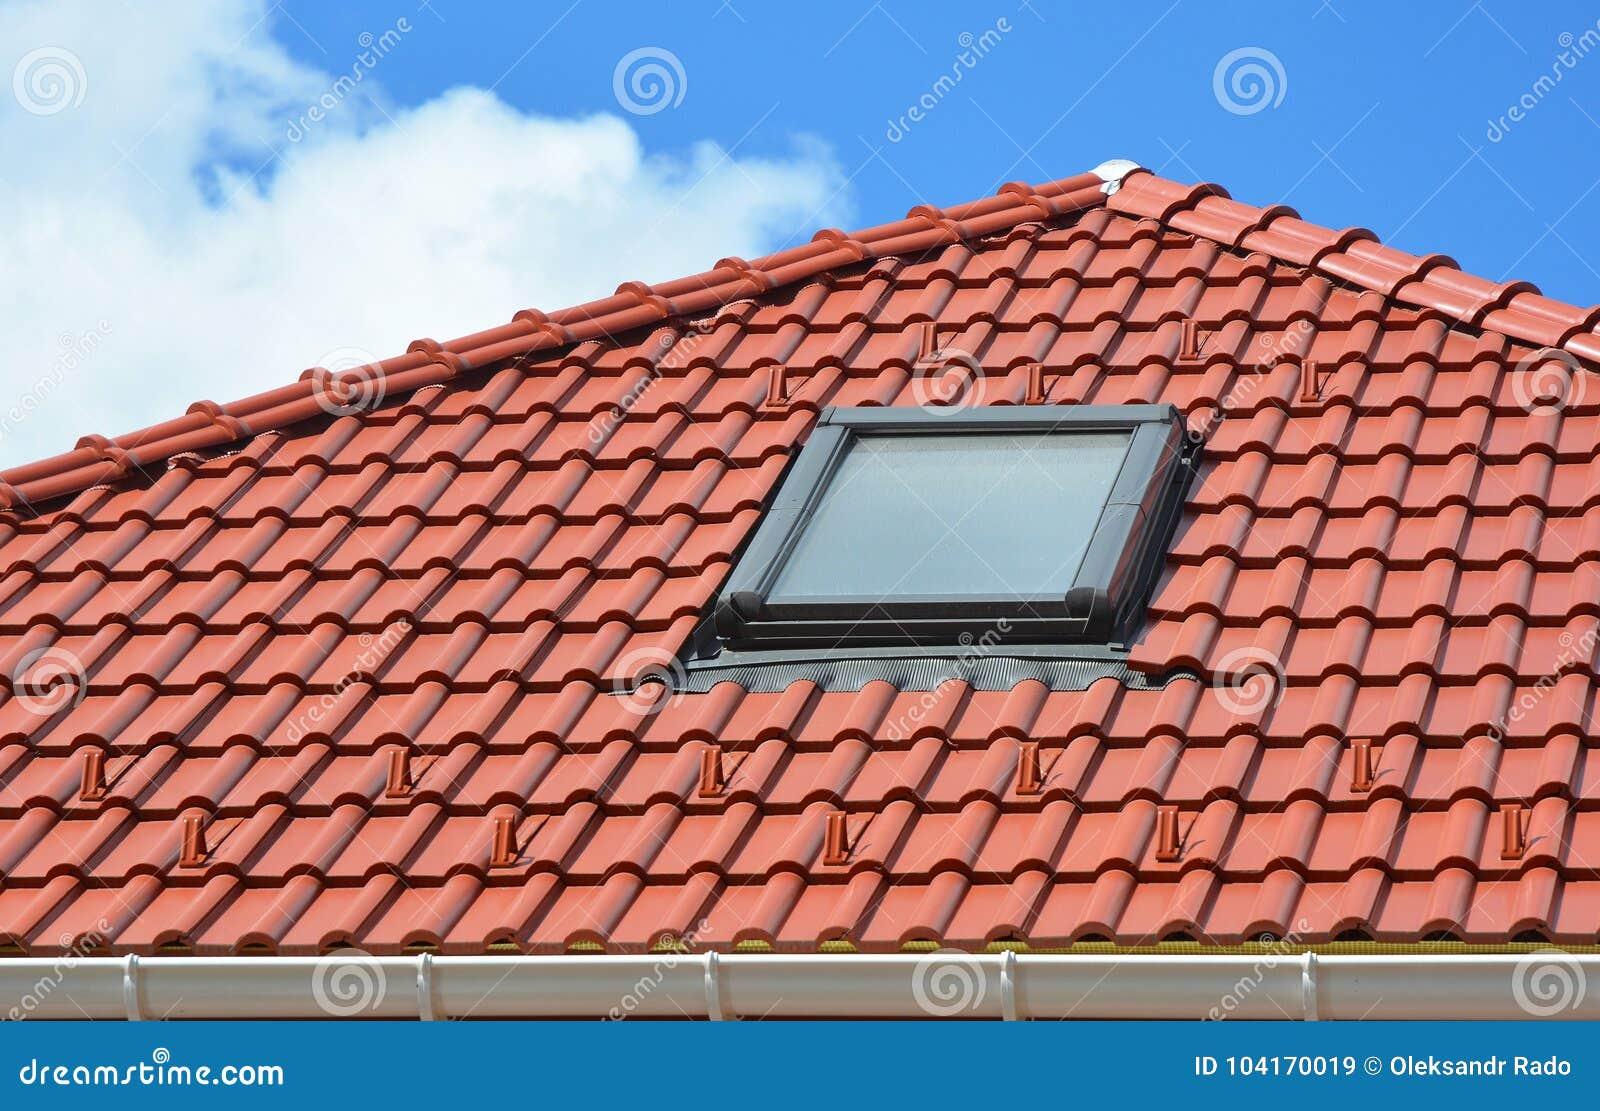 Oberlicht Auf Rotem Keramischem Dachplattehausdach Modernes Dach ...